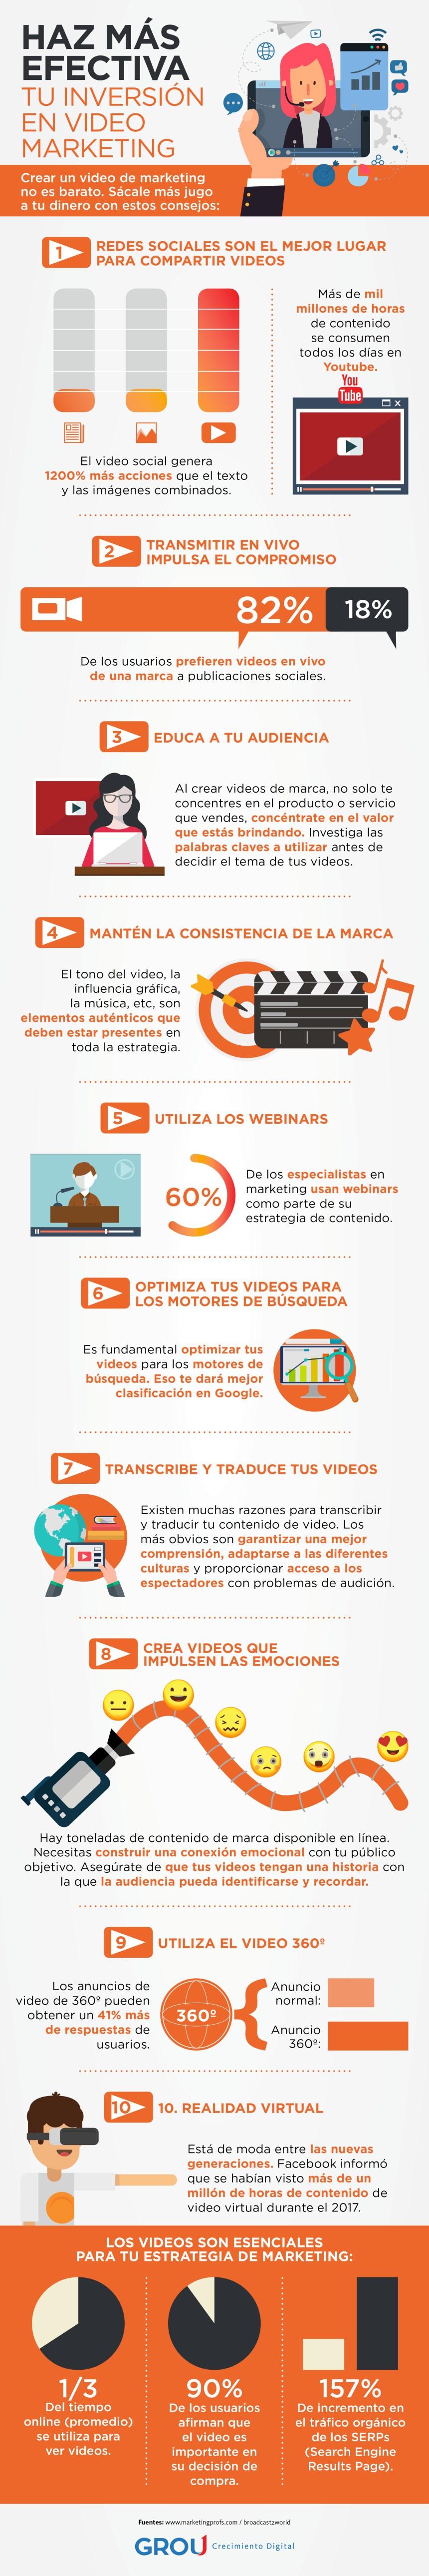 Cómo hacer más rentable tu inversión en vídeo marketing #infografia #infographic #marketing